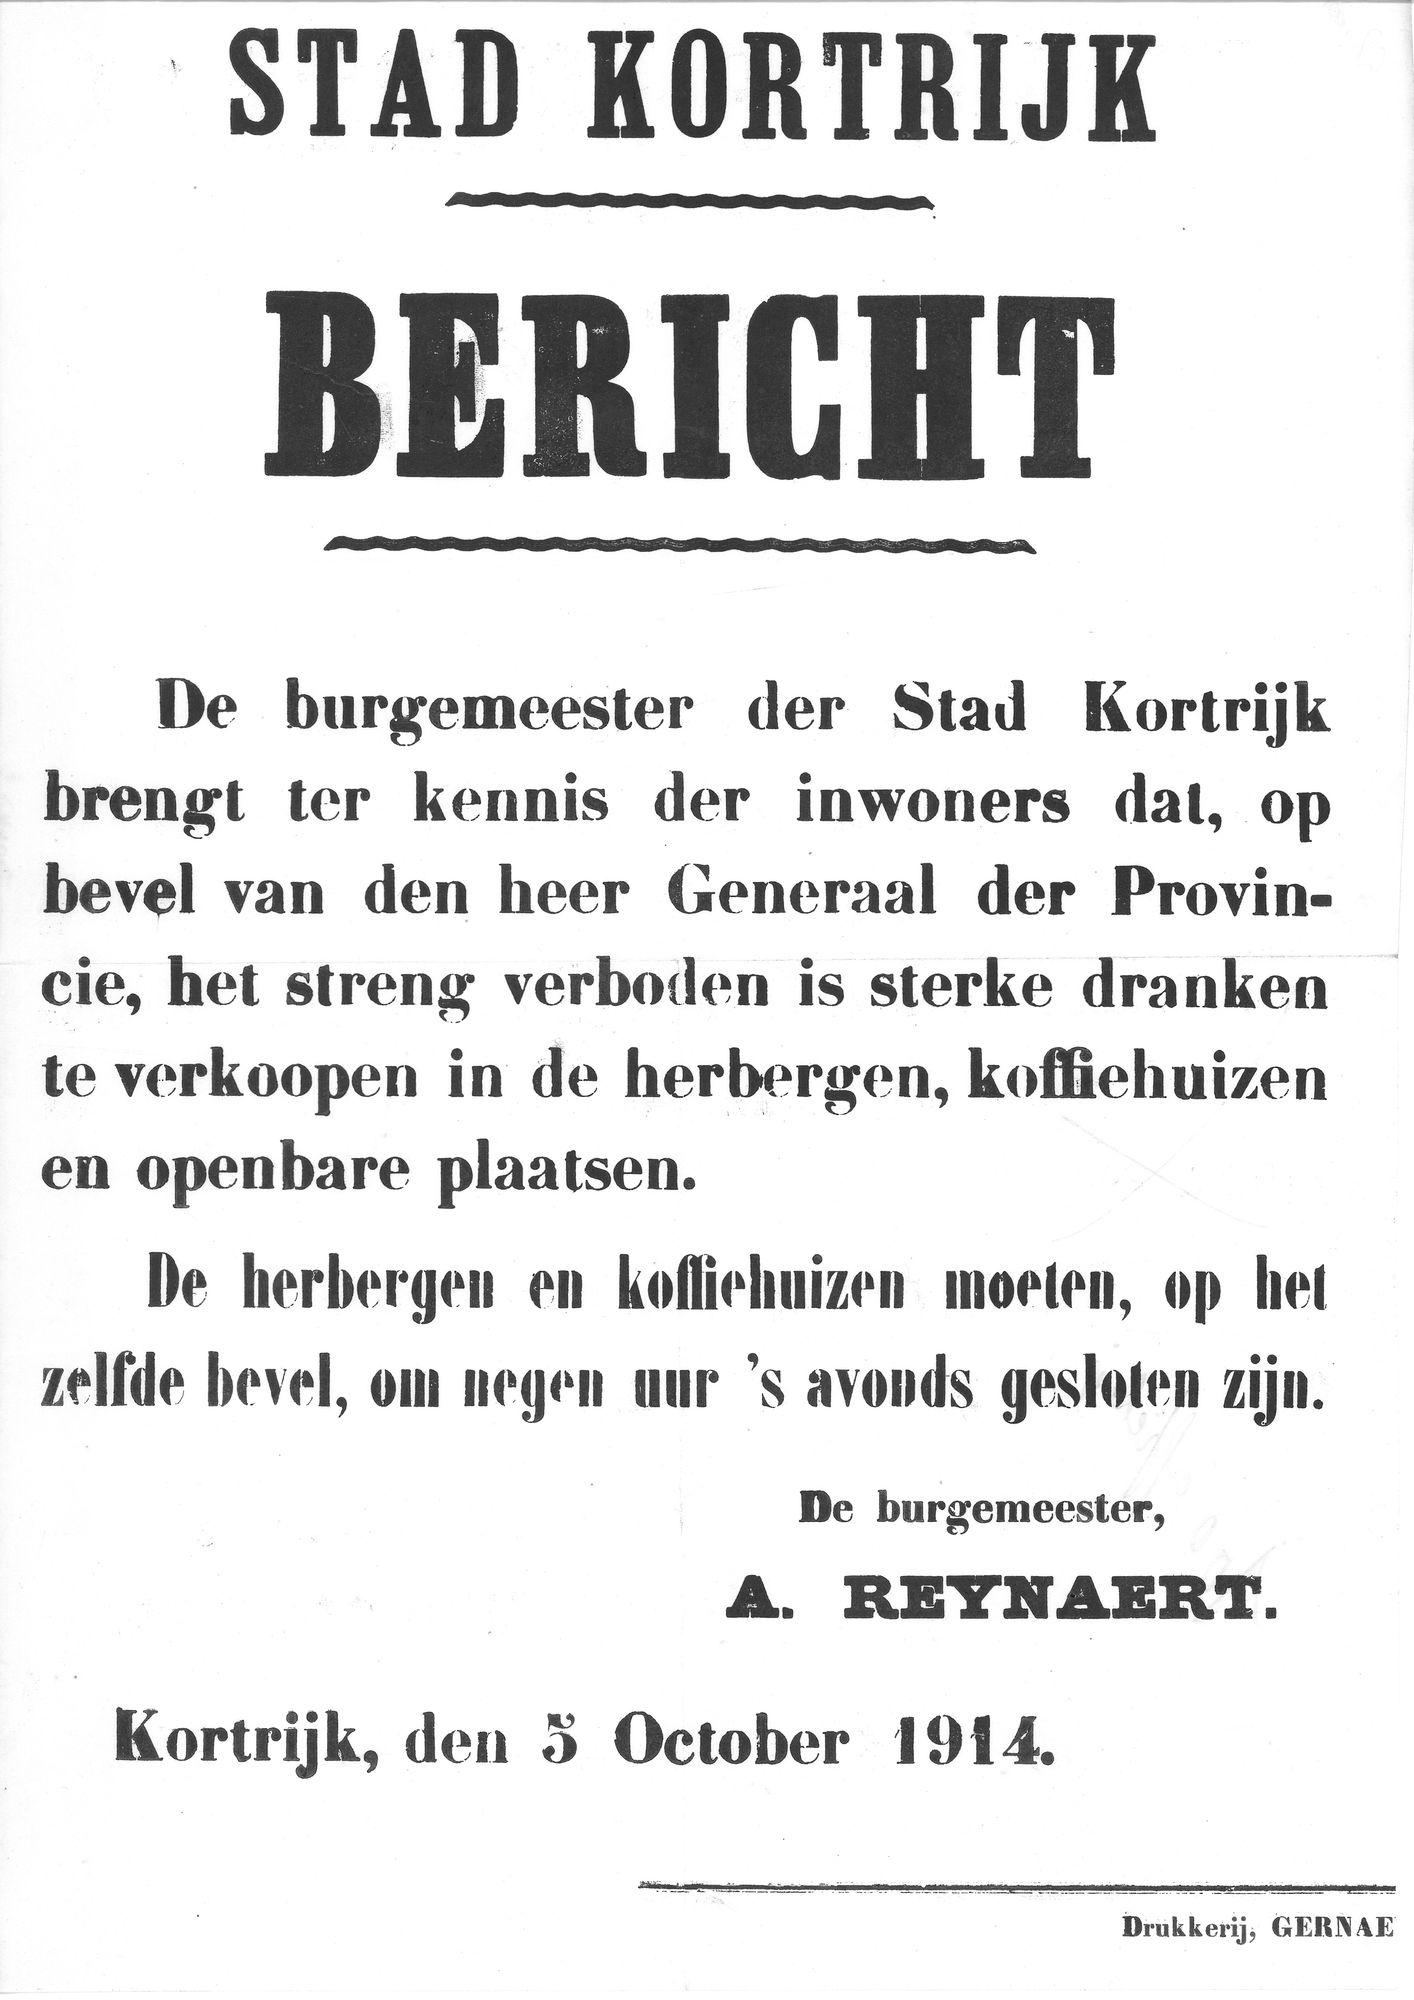 Drankenverbod in 1914